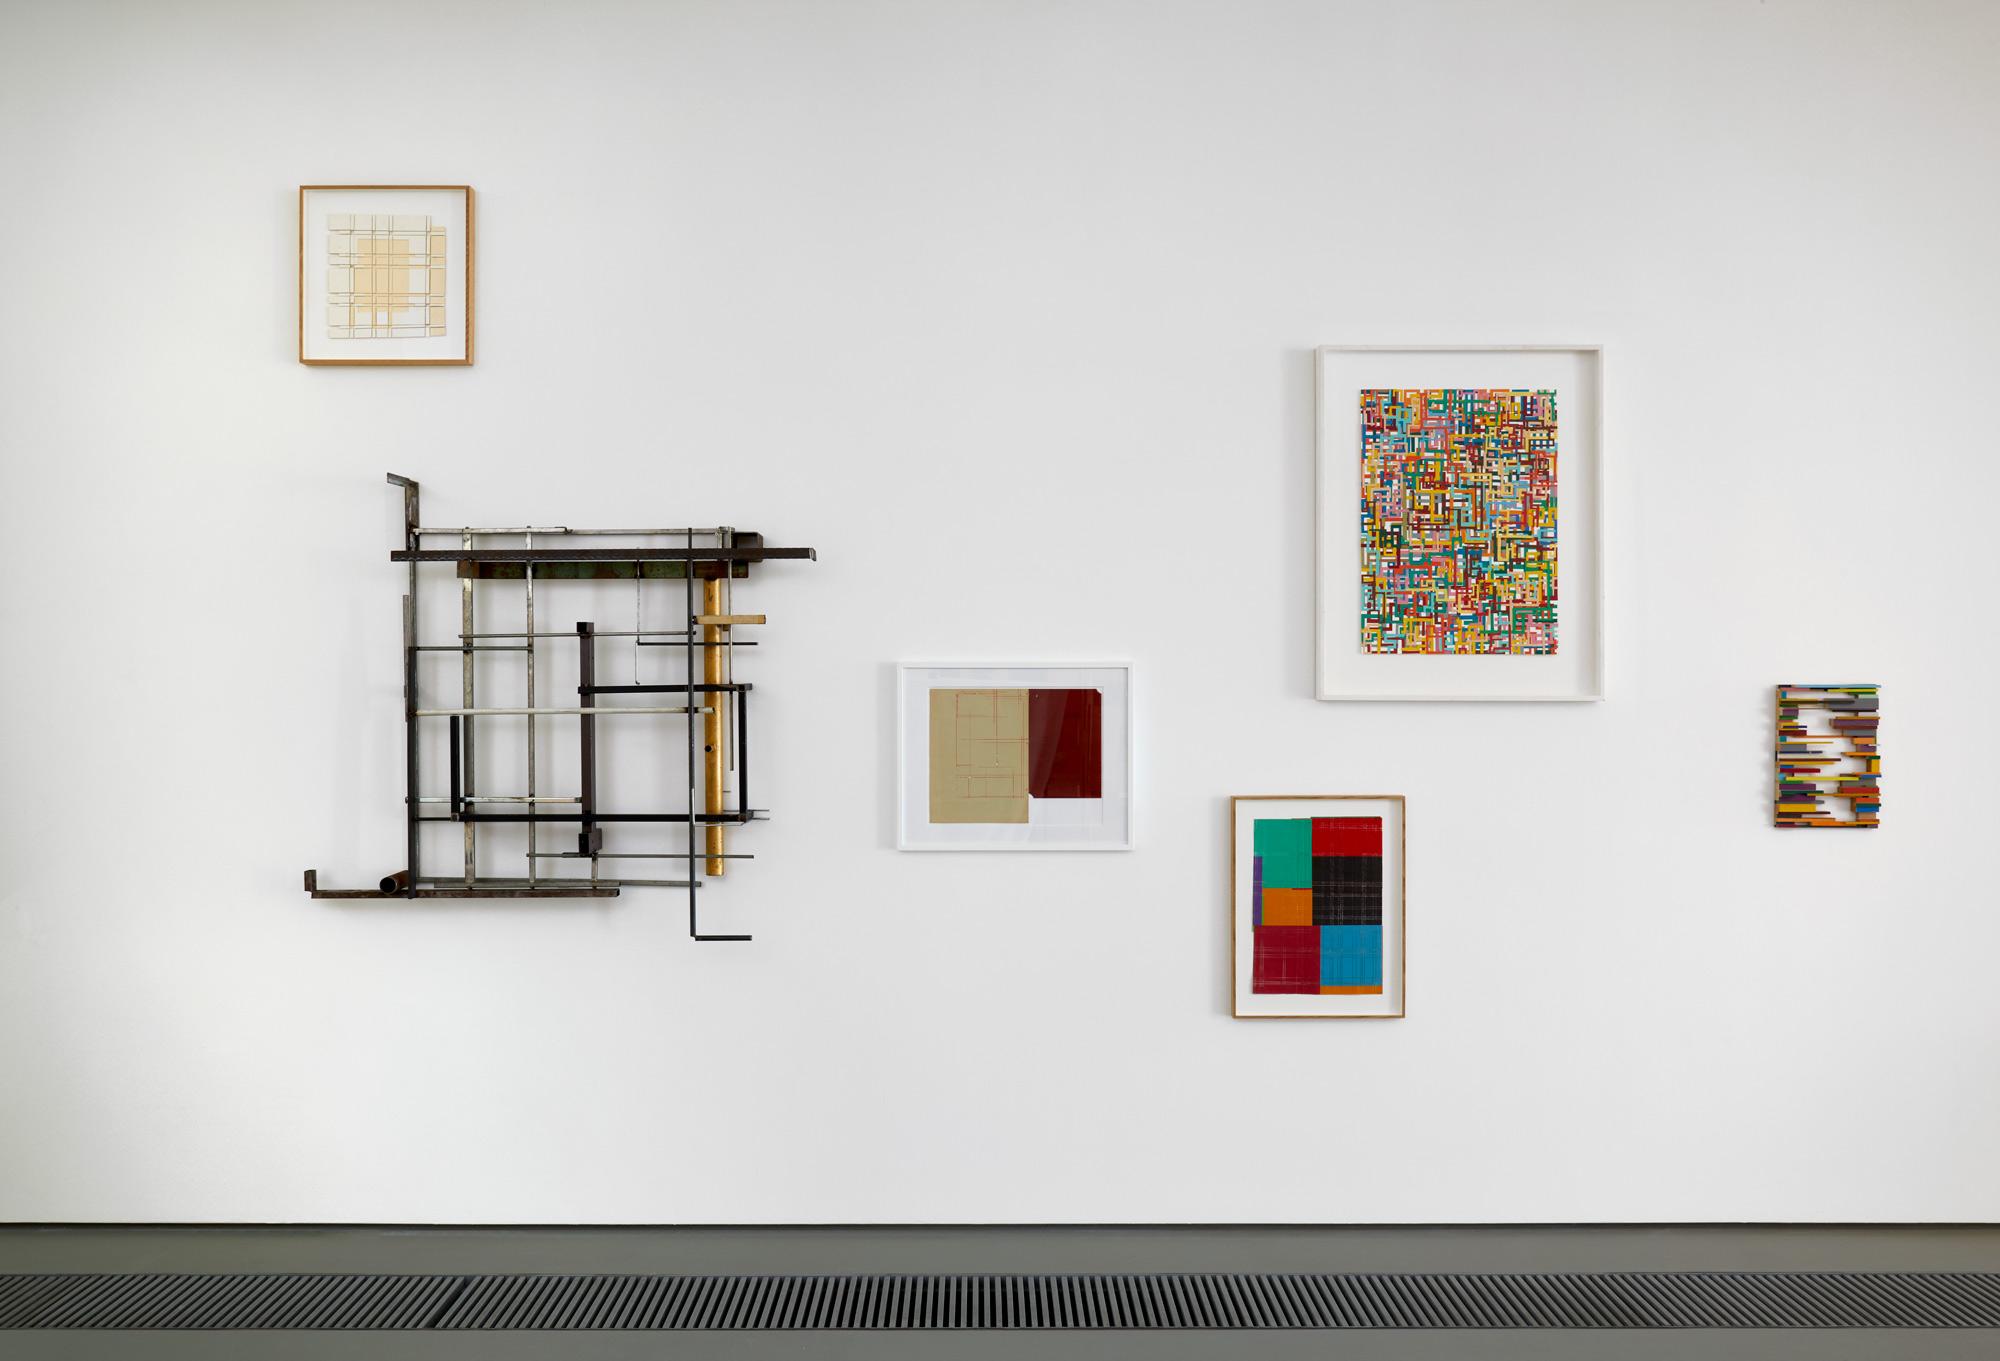 KunsthalleWeishaupt_Zoderer_Petersbuerger_Haengung1_©Martin_Mueller